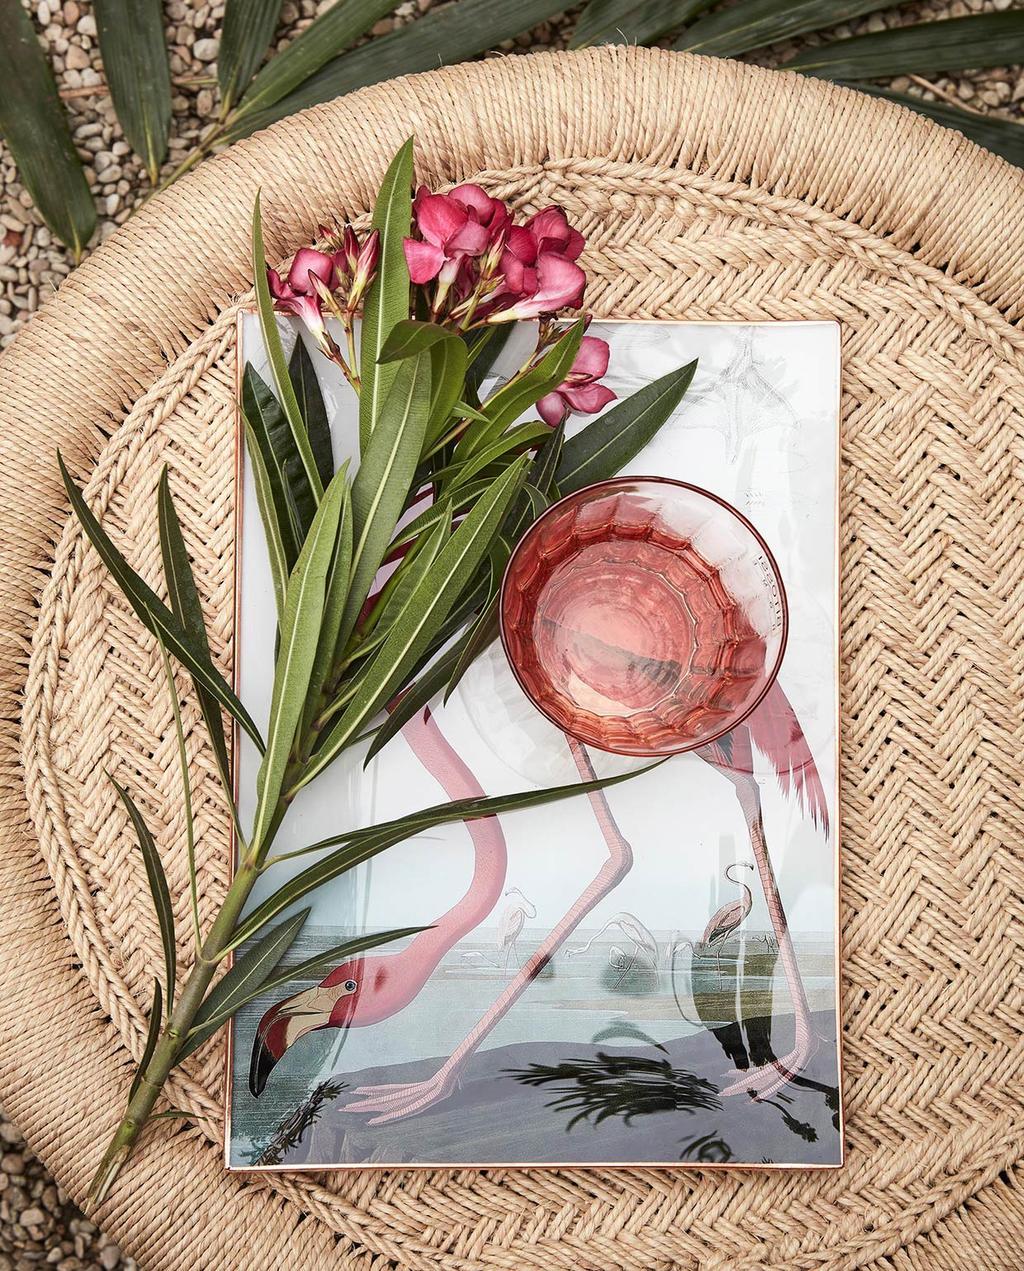 vtwonen 09-2016 | rieten tafel met flamingo poster en bloemen